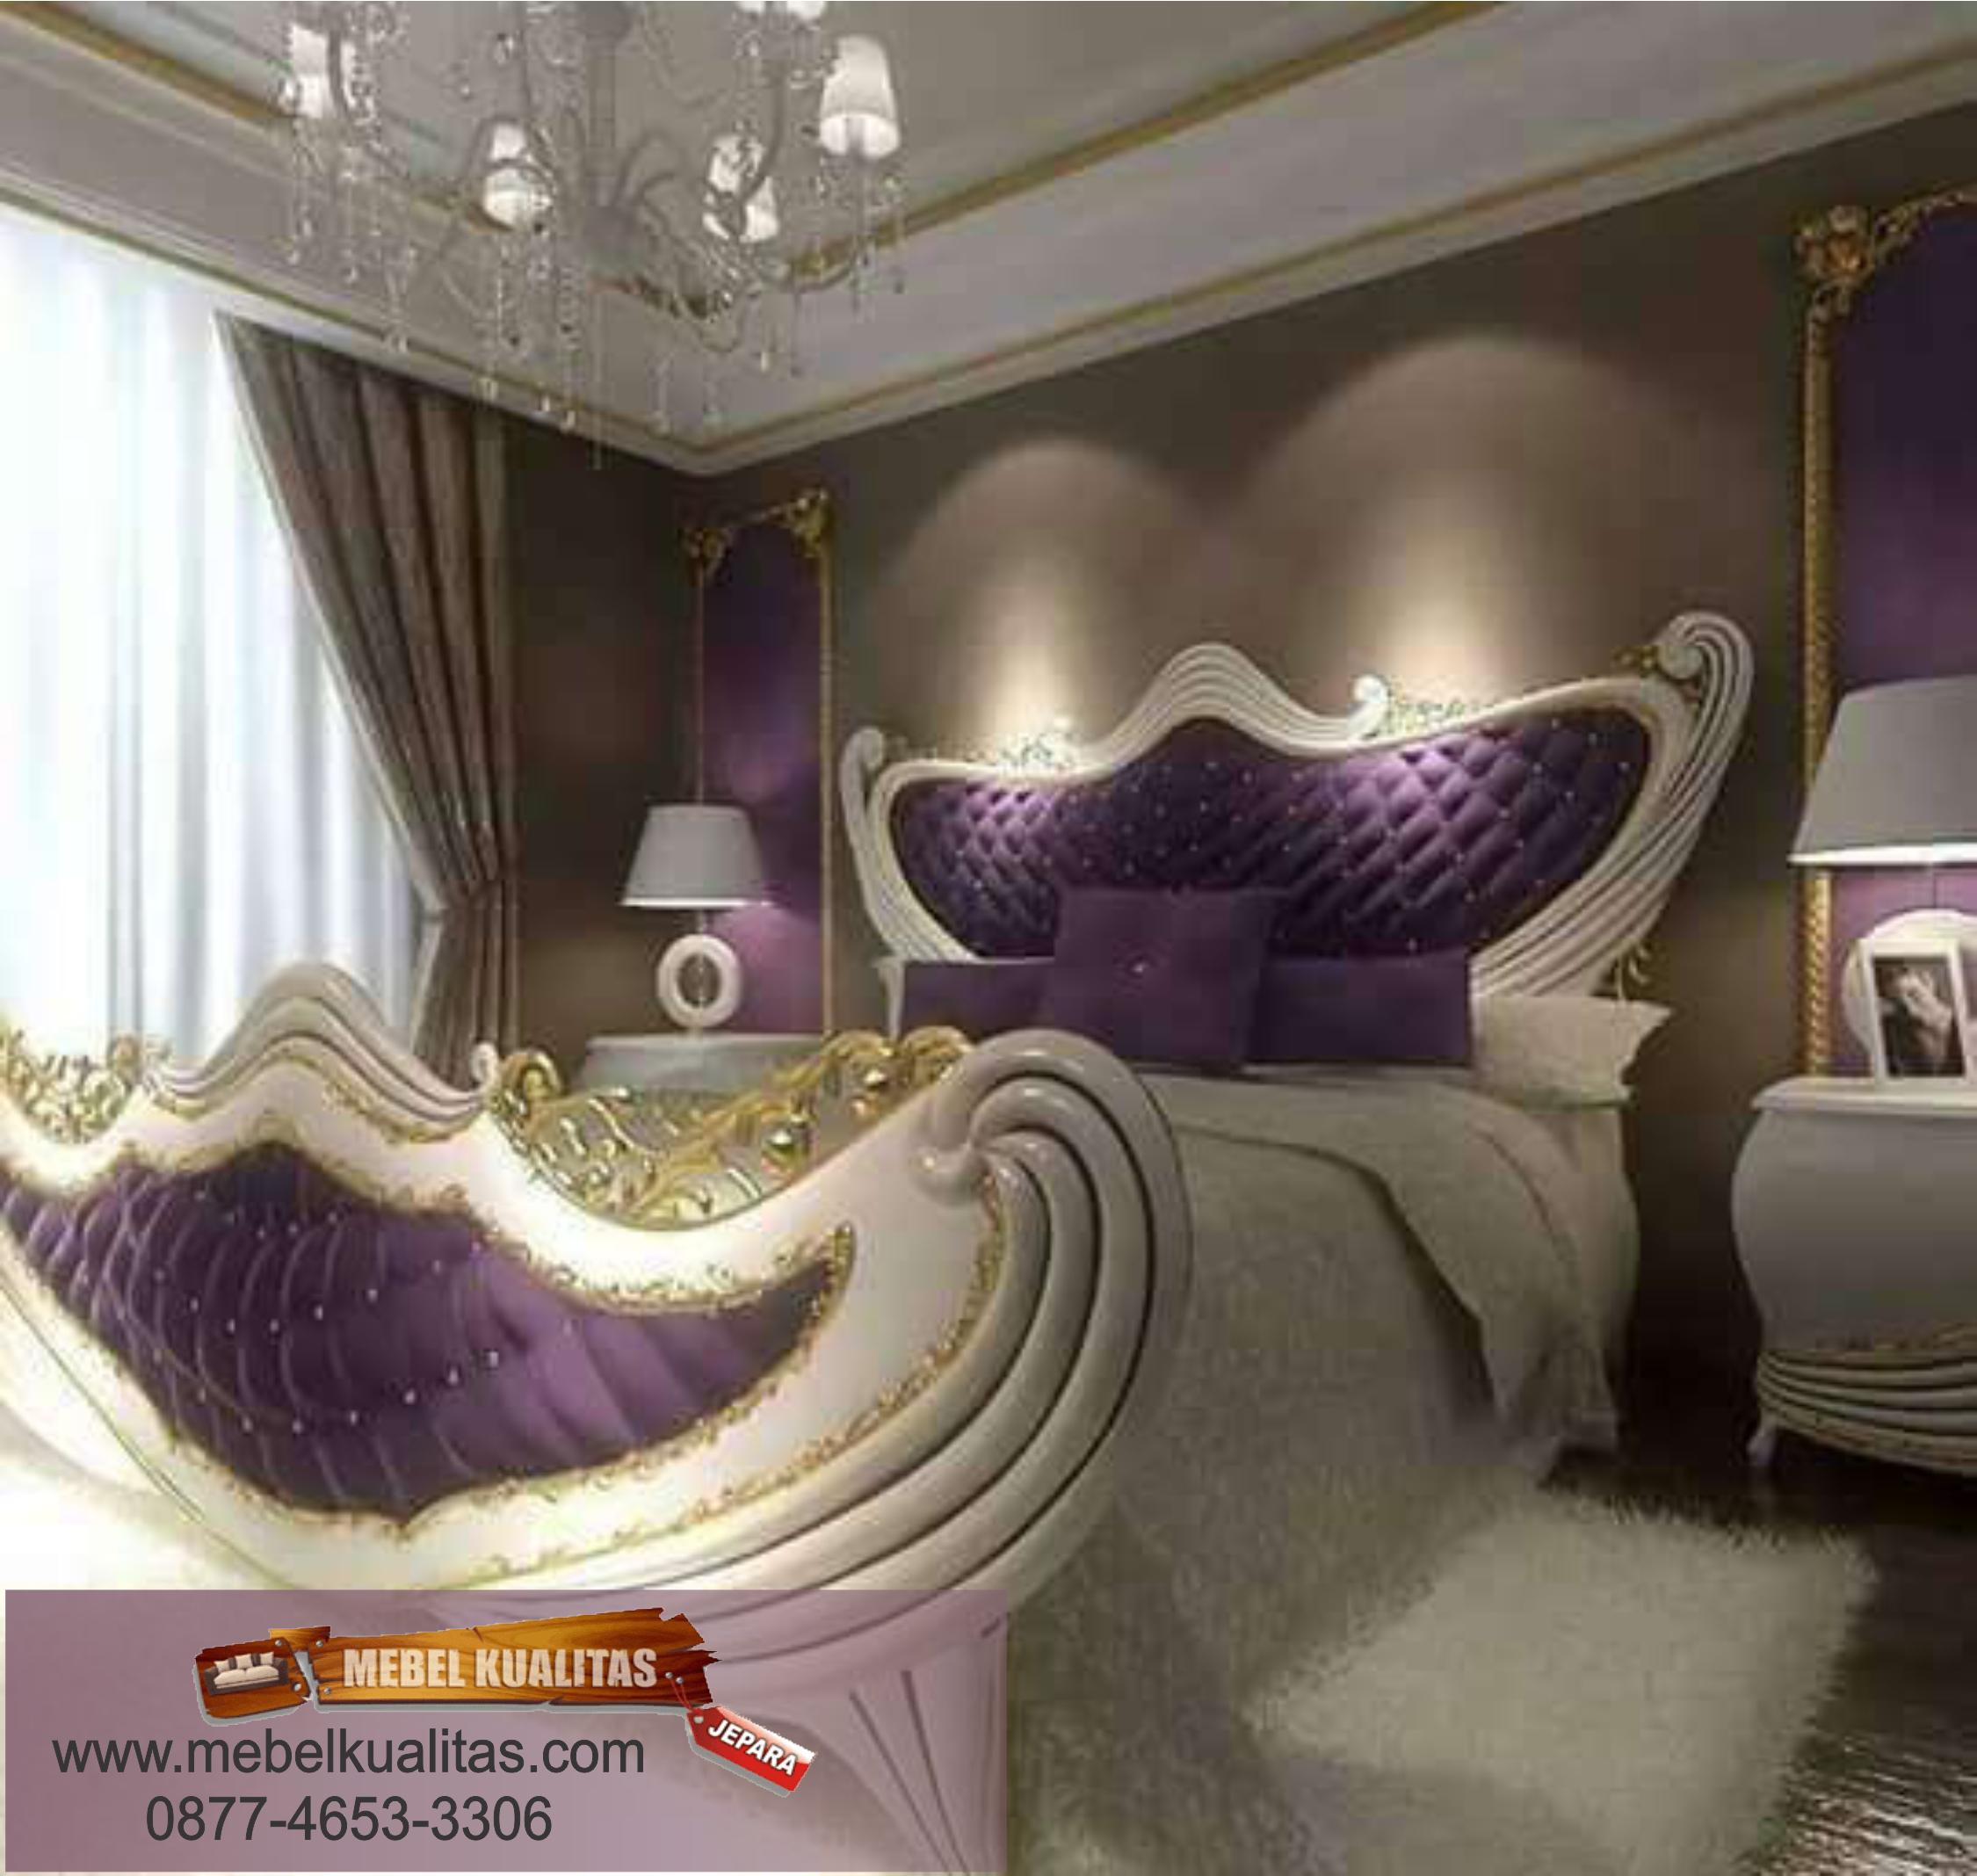 Set Kamar Tidur Mewah Eropa - KTM 120, set kamar, kamar tidur mewah, mebelkualitas.com, harga kamar tidur, kamar tidur jepara, furniture asli, kamar tidur mewah dewasa, kamar tidur mewah, kamar tidur minimalis, kamar tidur mewah, kamar tidur eropa, jual kamar tidur, kamar tidur klasik, kamar tidur mewah jepara, kamar tidur mewah ukiran, set kamar tidur mewah,kamar tidur jati, set kamar tidur mewah, set kamar mewah, set kamar jati, set kamar elegan, set kamar klasik, set kamar tidur pengantin, harga kamar tidur mewah